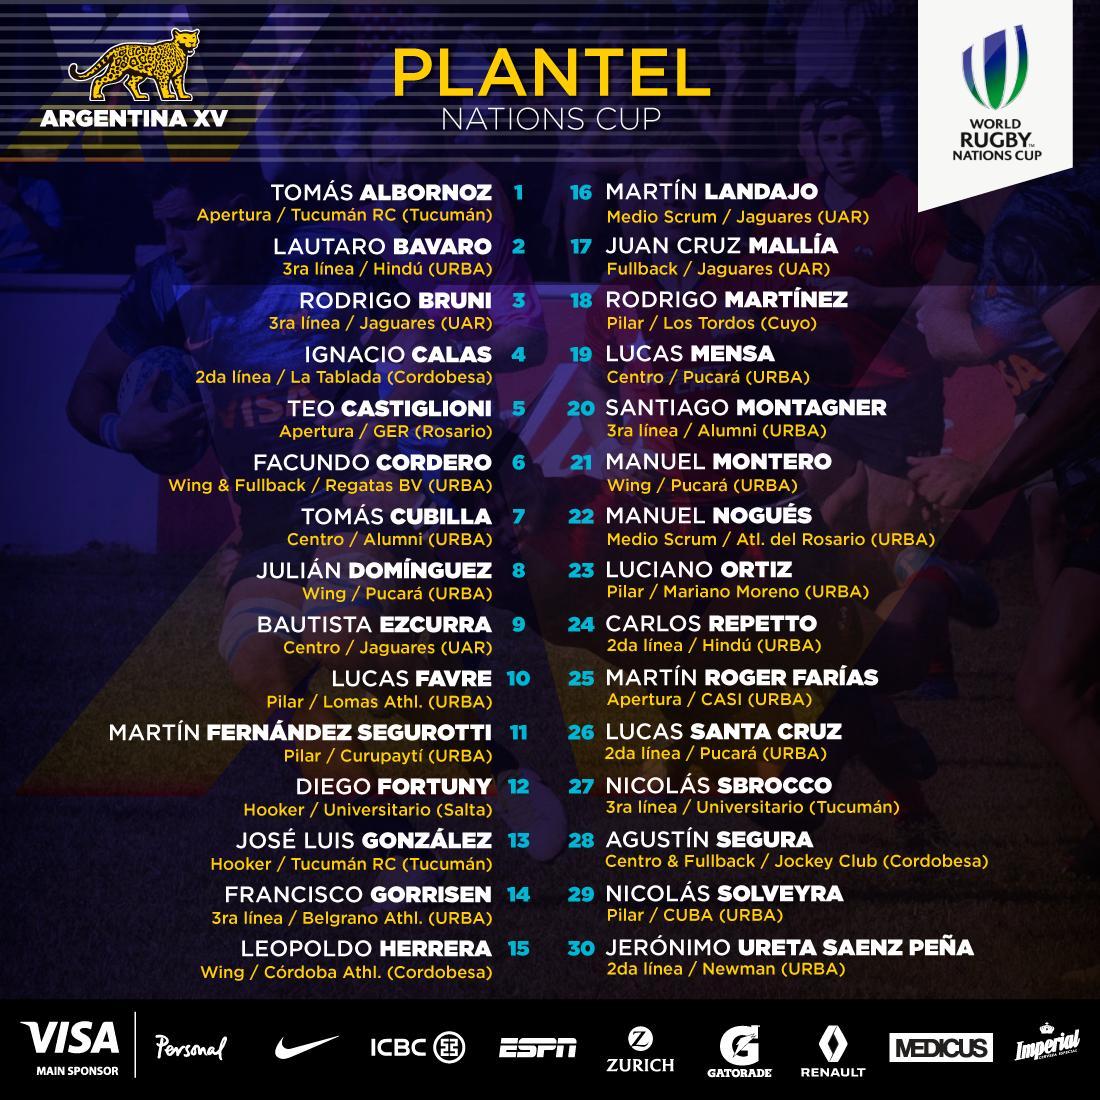 Plantel de Argentina XV para la Nations Cup